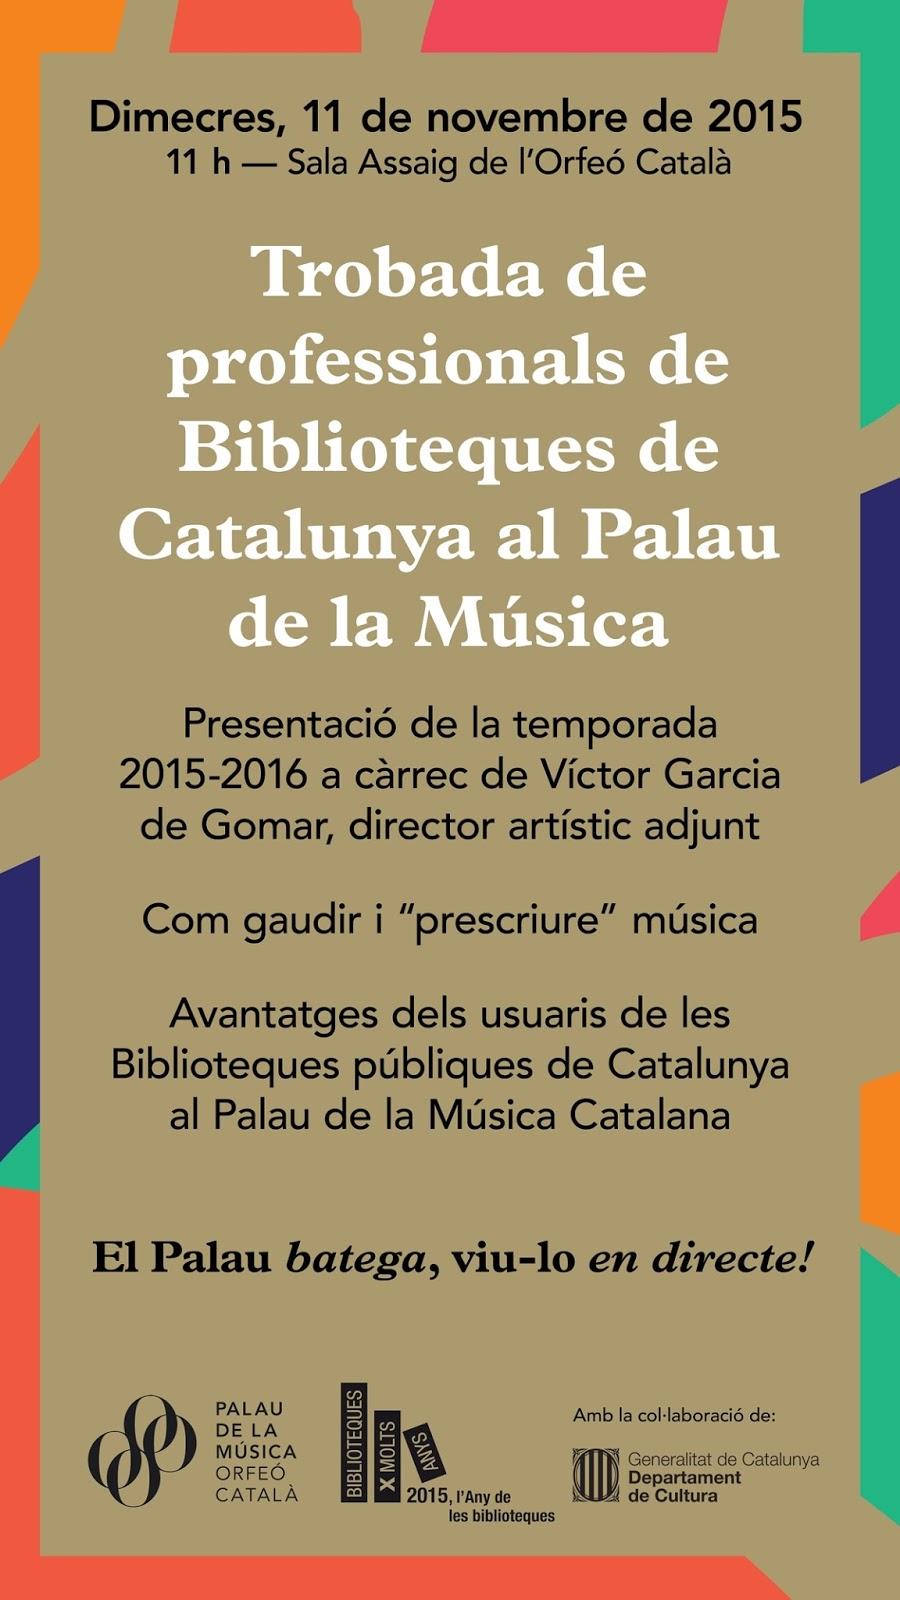 trobada al Palau de la Música de l'Any de les biblioteques